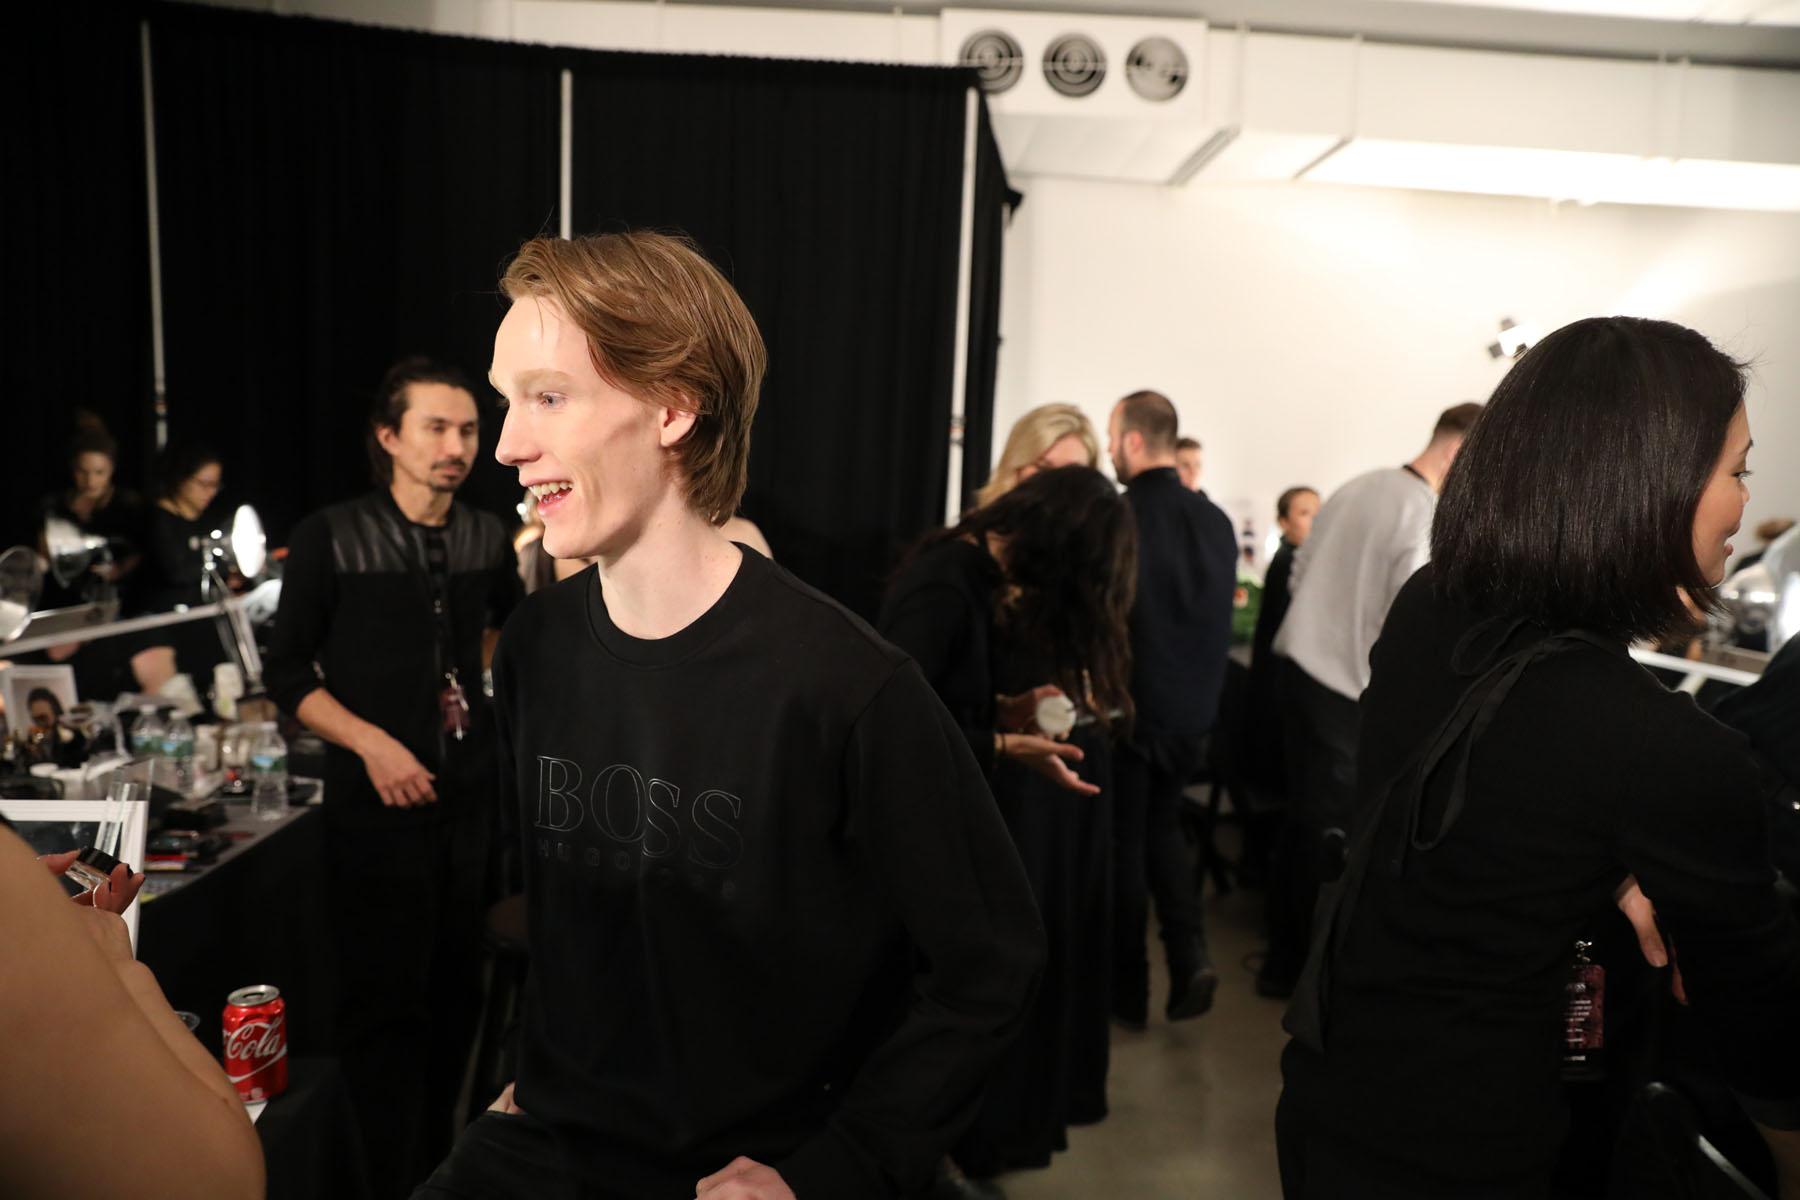 HugoBoss_Backstage_47